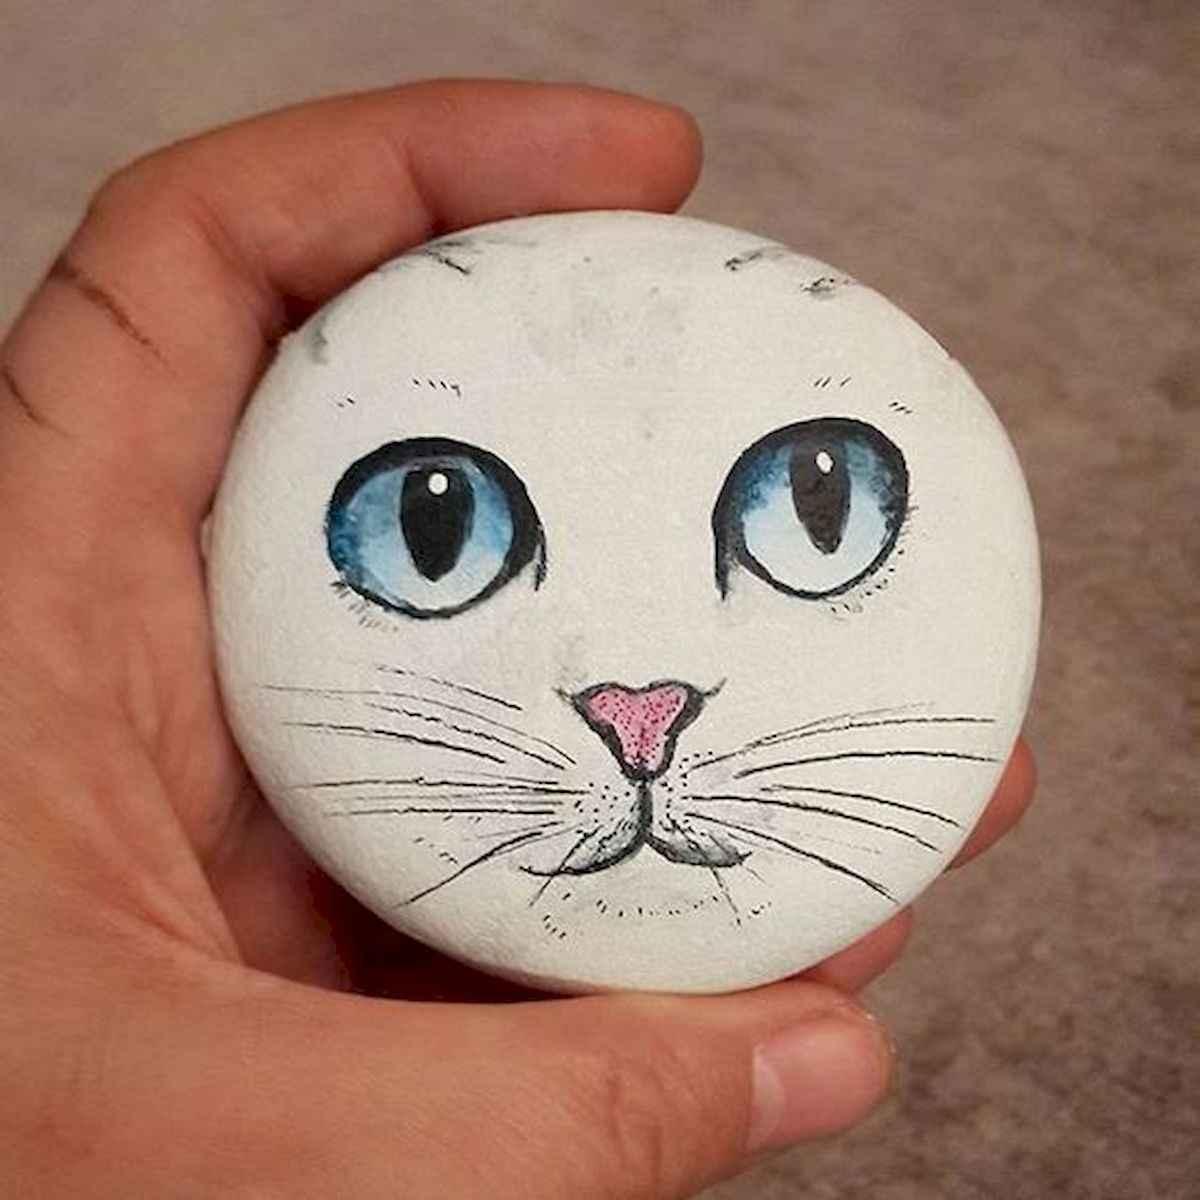 50 Inspiring DIY Painted Rocks Animals Cats for Summer Ideas (34)